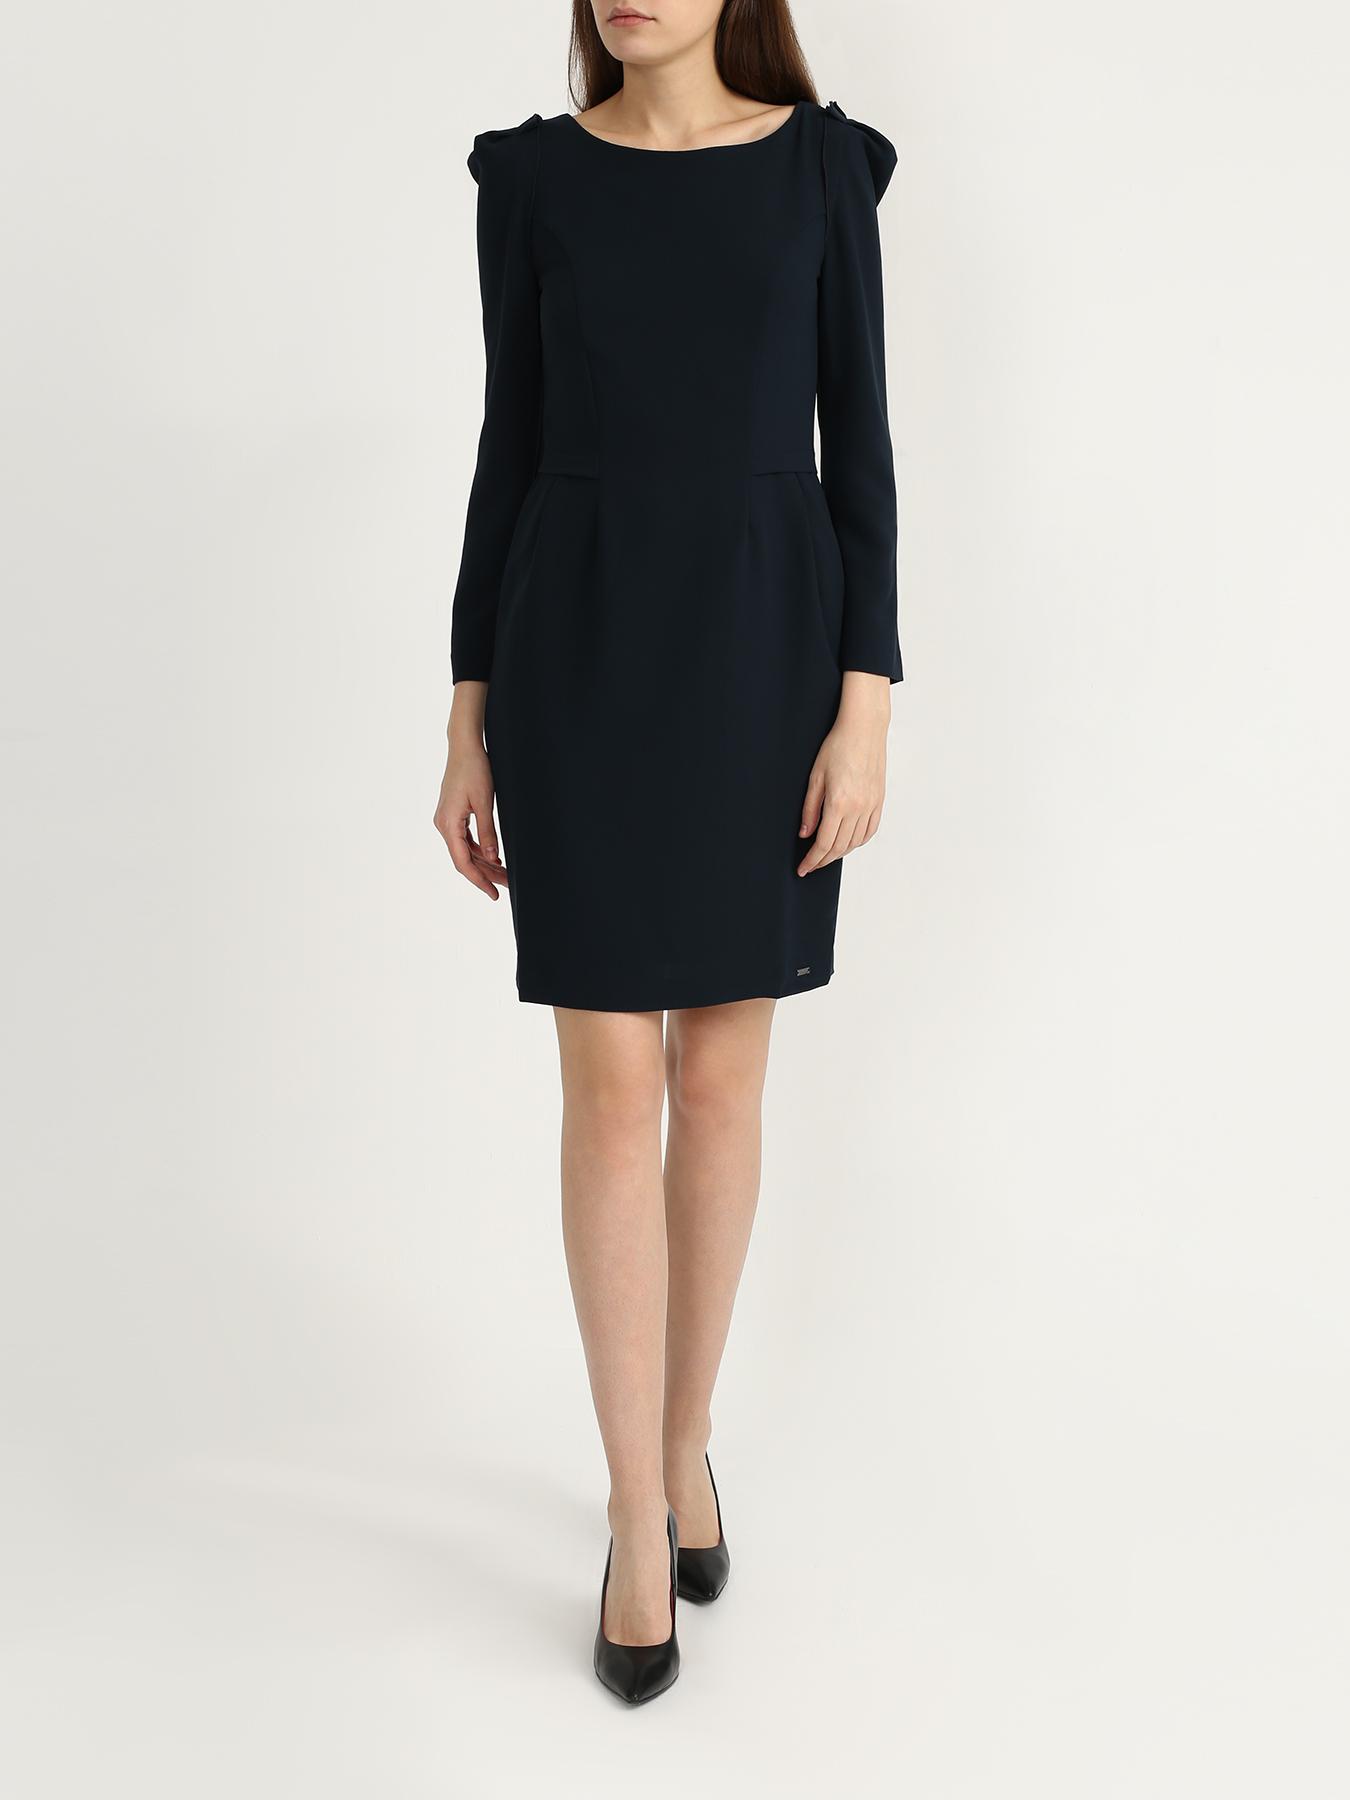 Платье Armani Exchange Однотонное платье платье прямое средней длины однотонное без рукавов